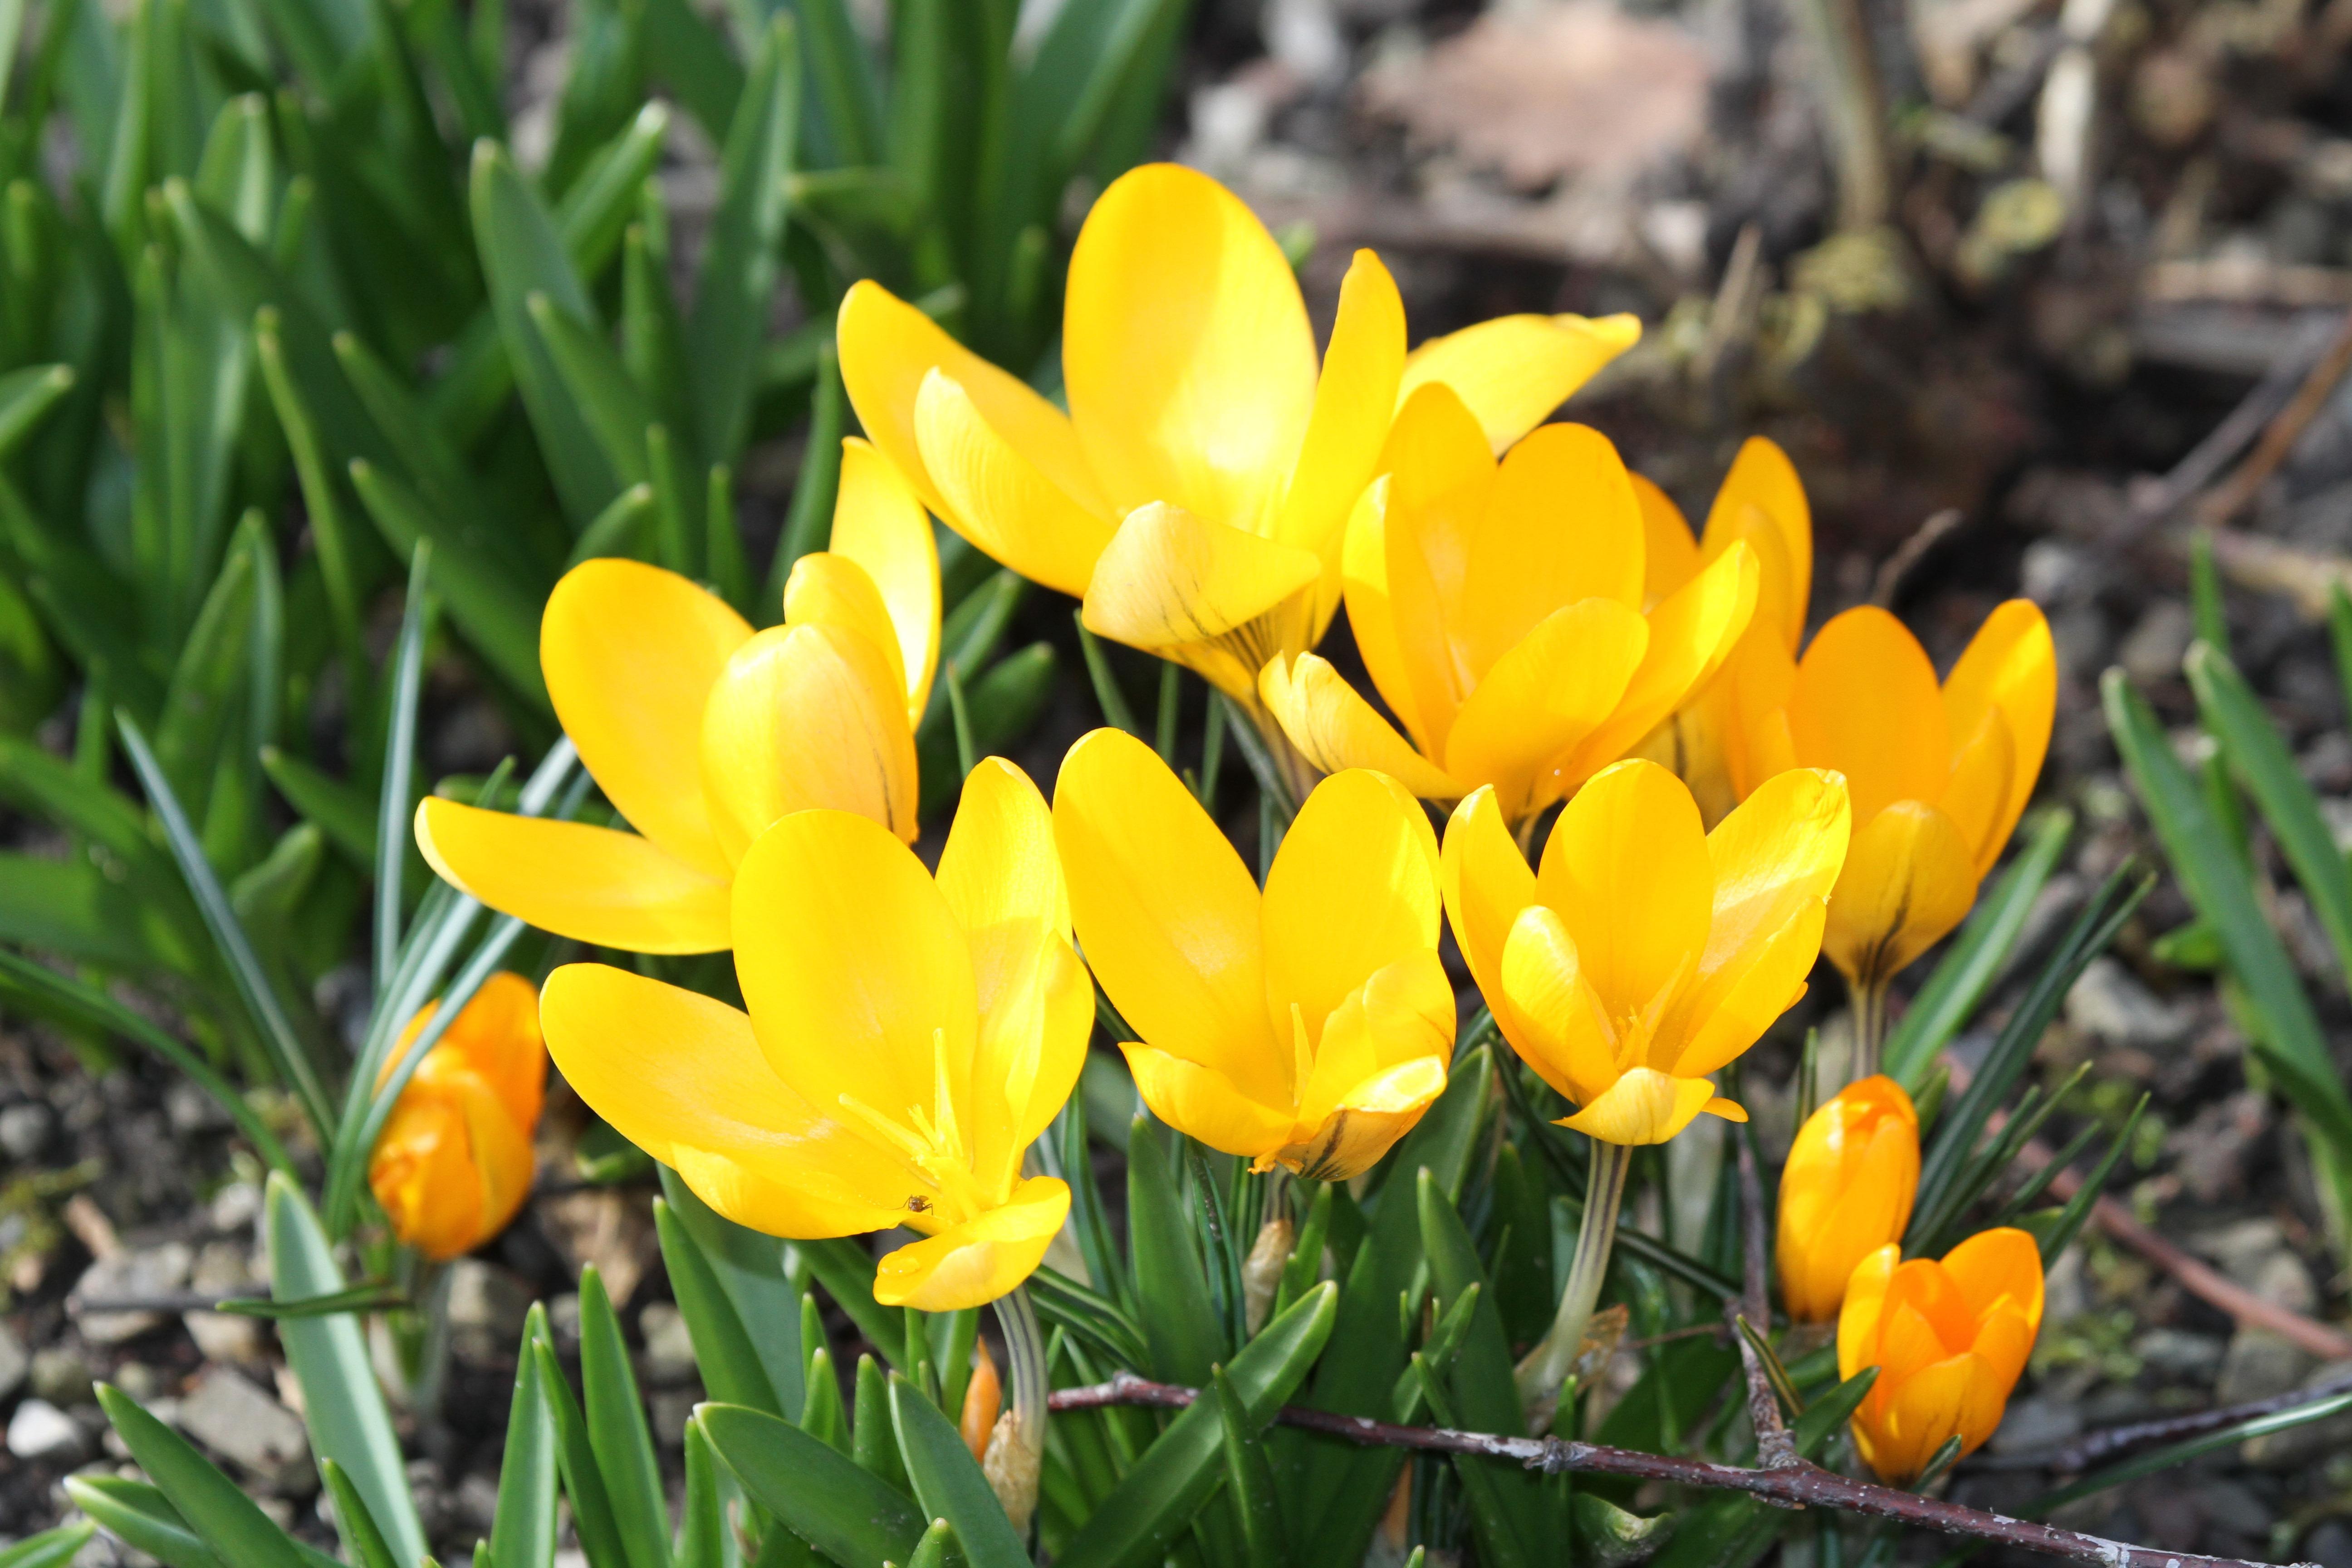 кадре расцветающее растение весной фото публикацию